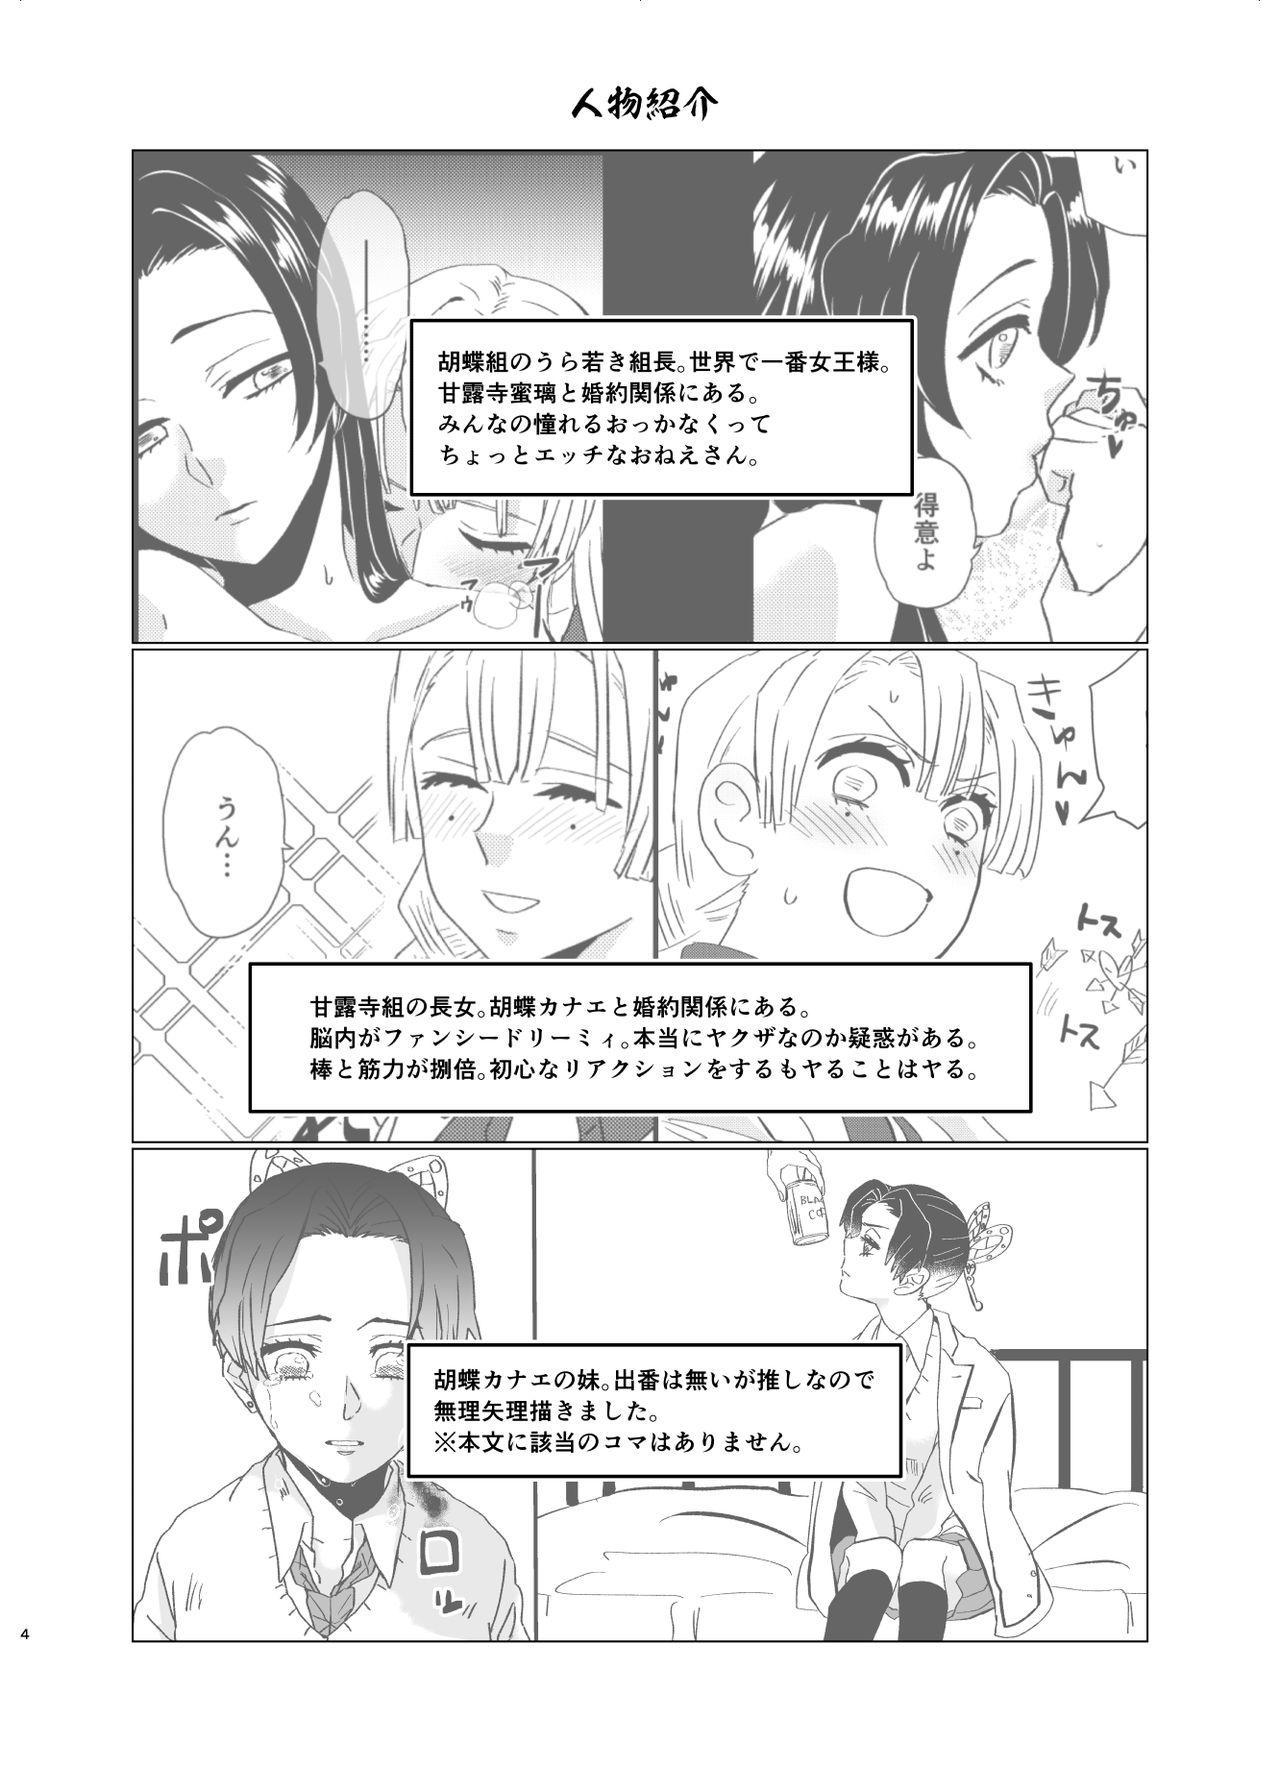 [Biganki (Yamada Kuro) Ume Awase - To Make Up For [Digital] 3